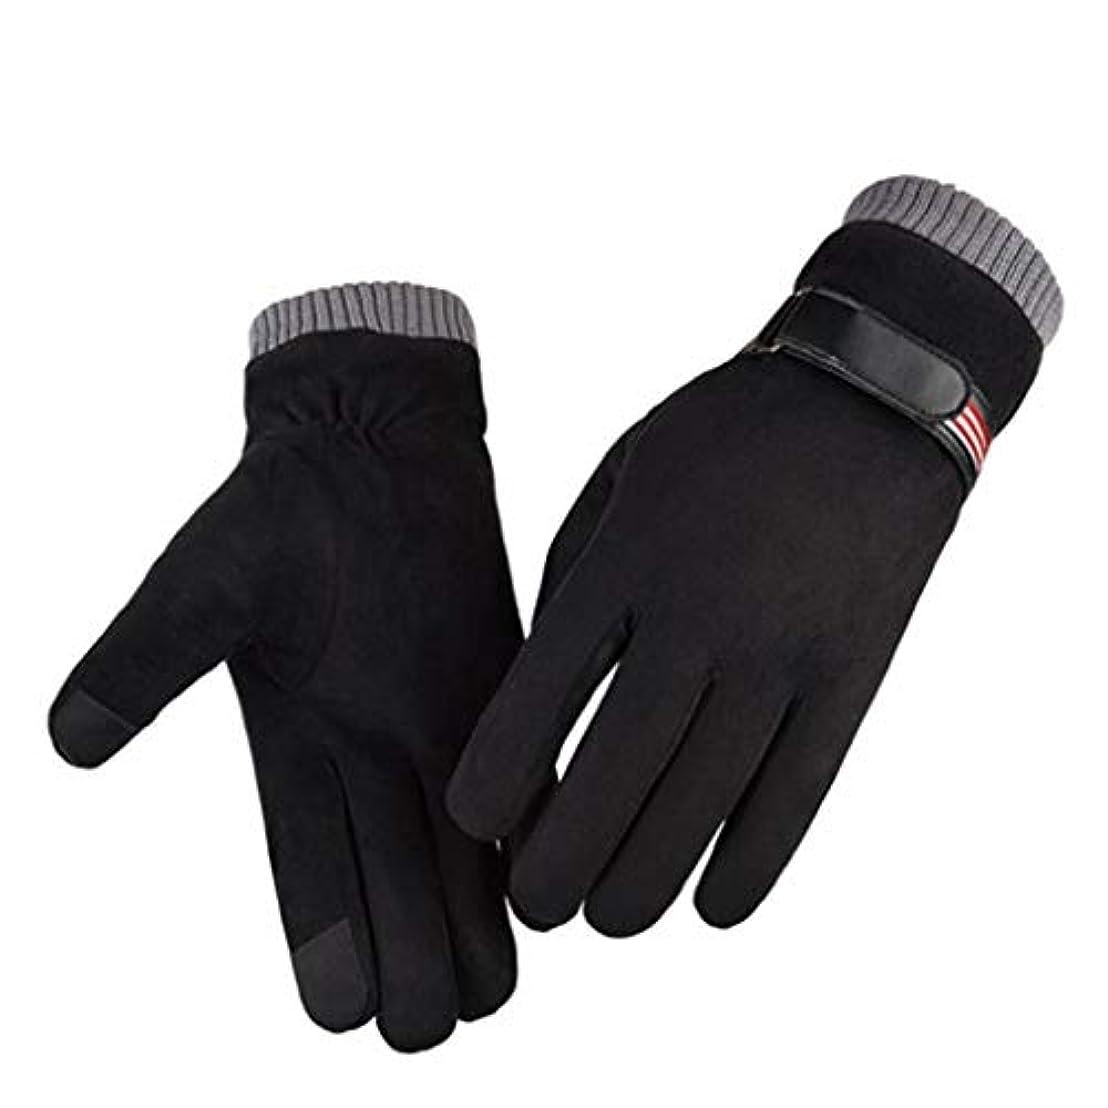 漏れ愛撫モニカ革手袋男性の秋と冬のファッションプラスベルベット厚い暖かい防風コールドライドアンチスキッドタッチスクリーンスエード手袋の男性